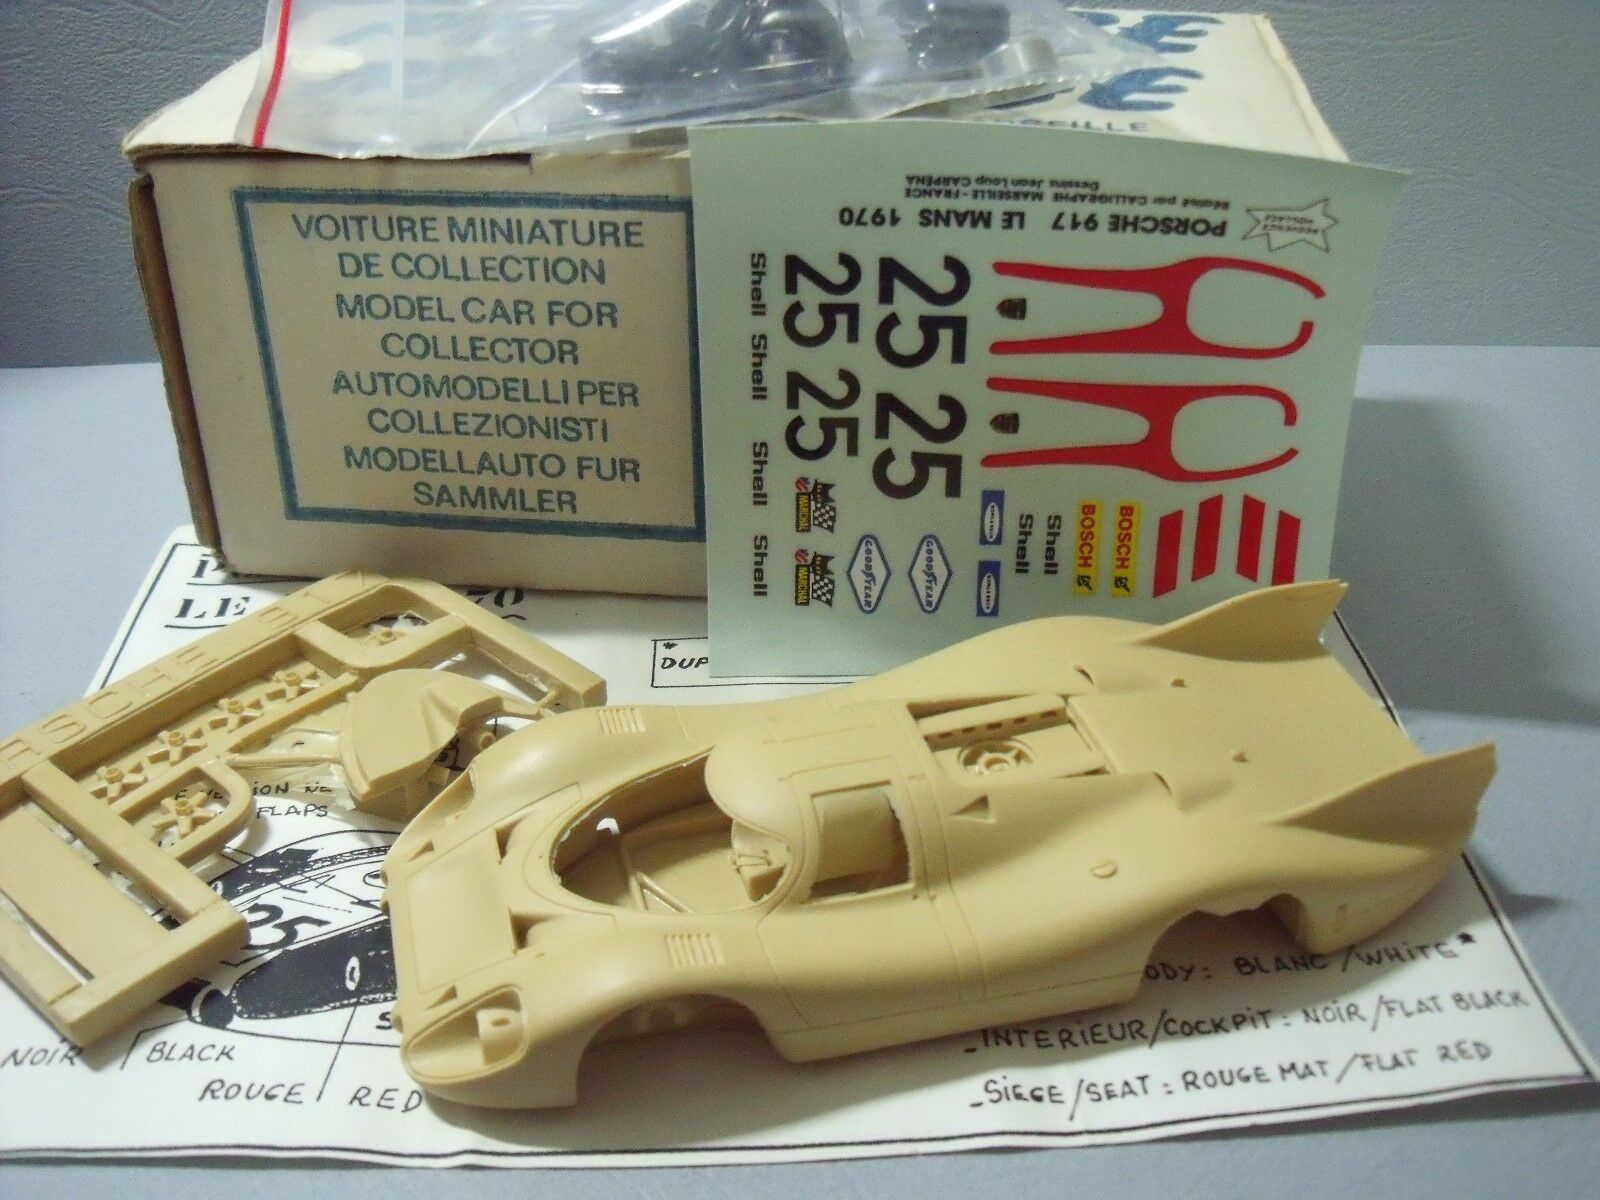 Porsche 917 lh le mans 1970 provence moulage 1 43 no spark